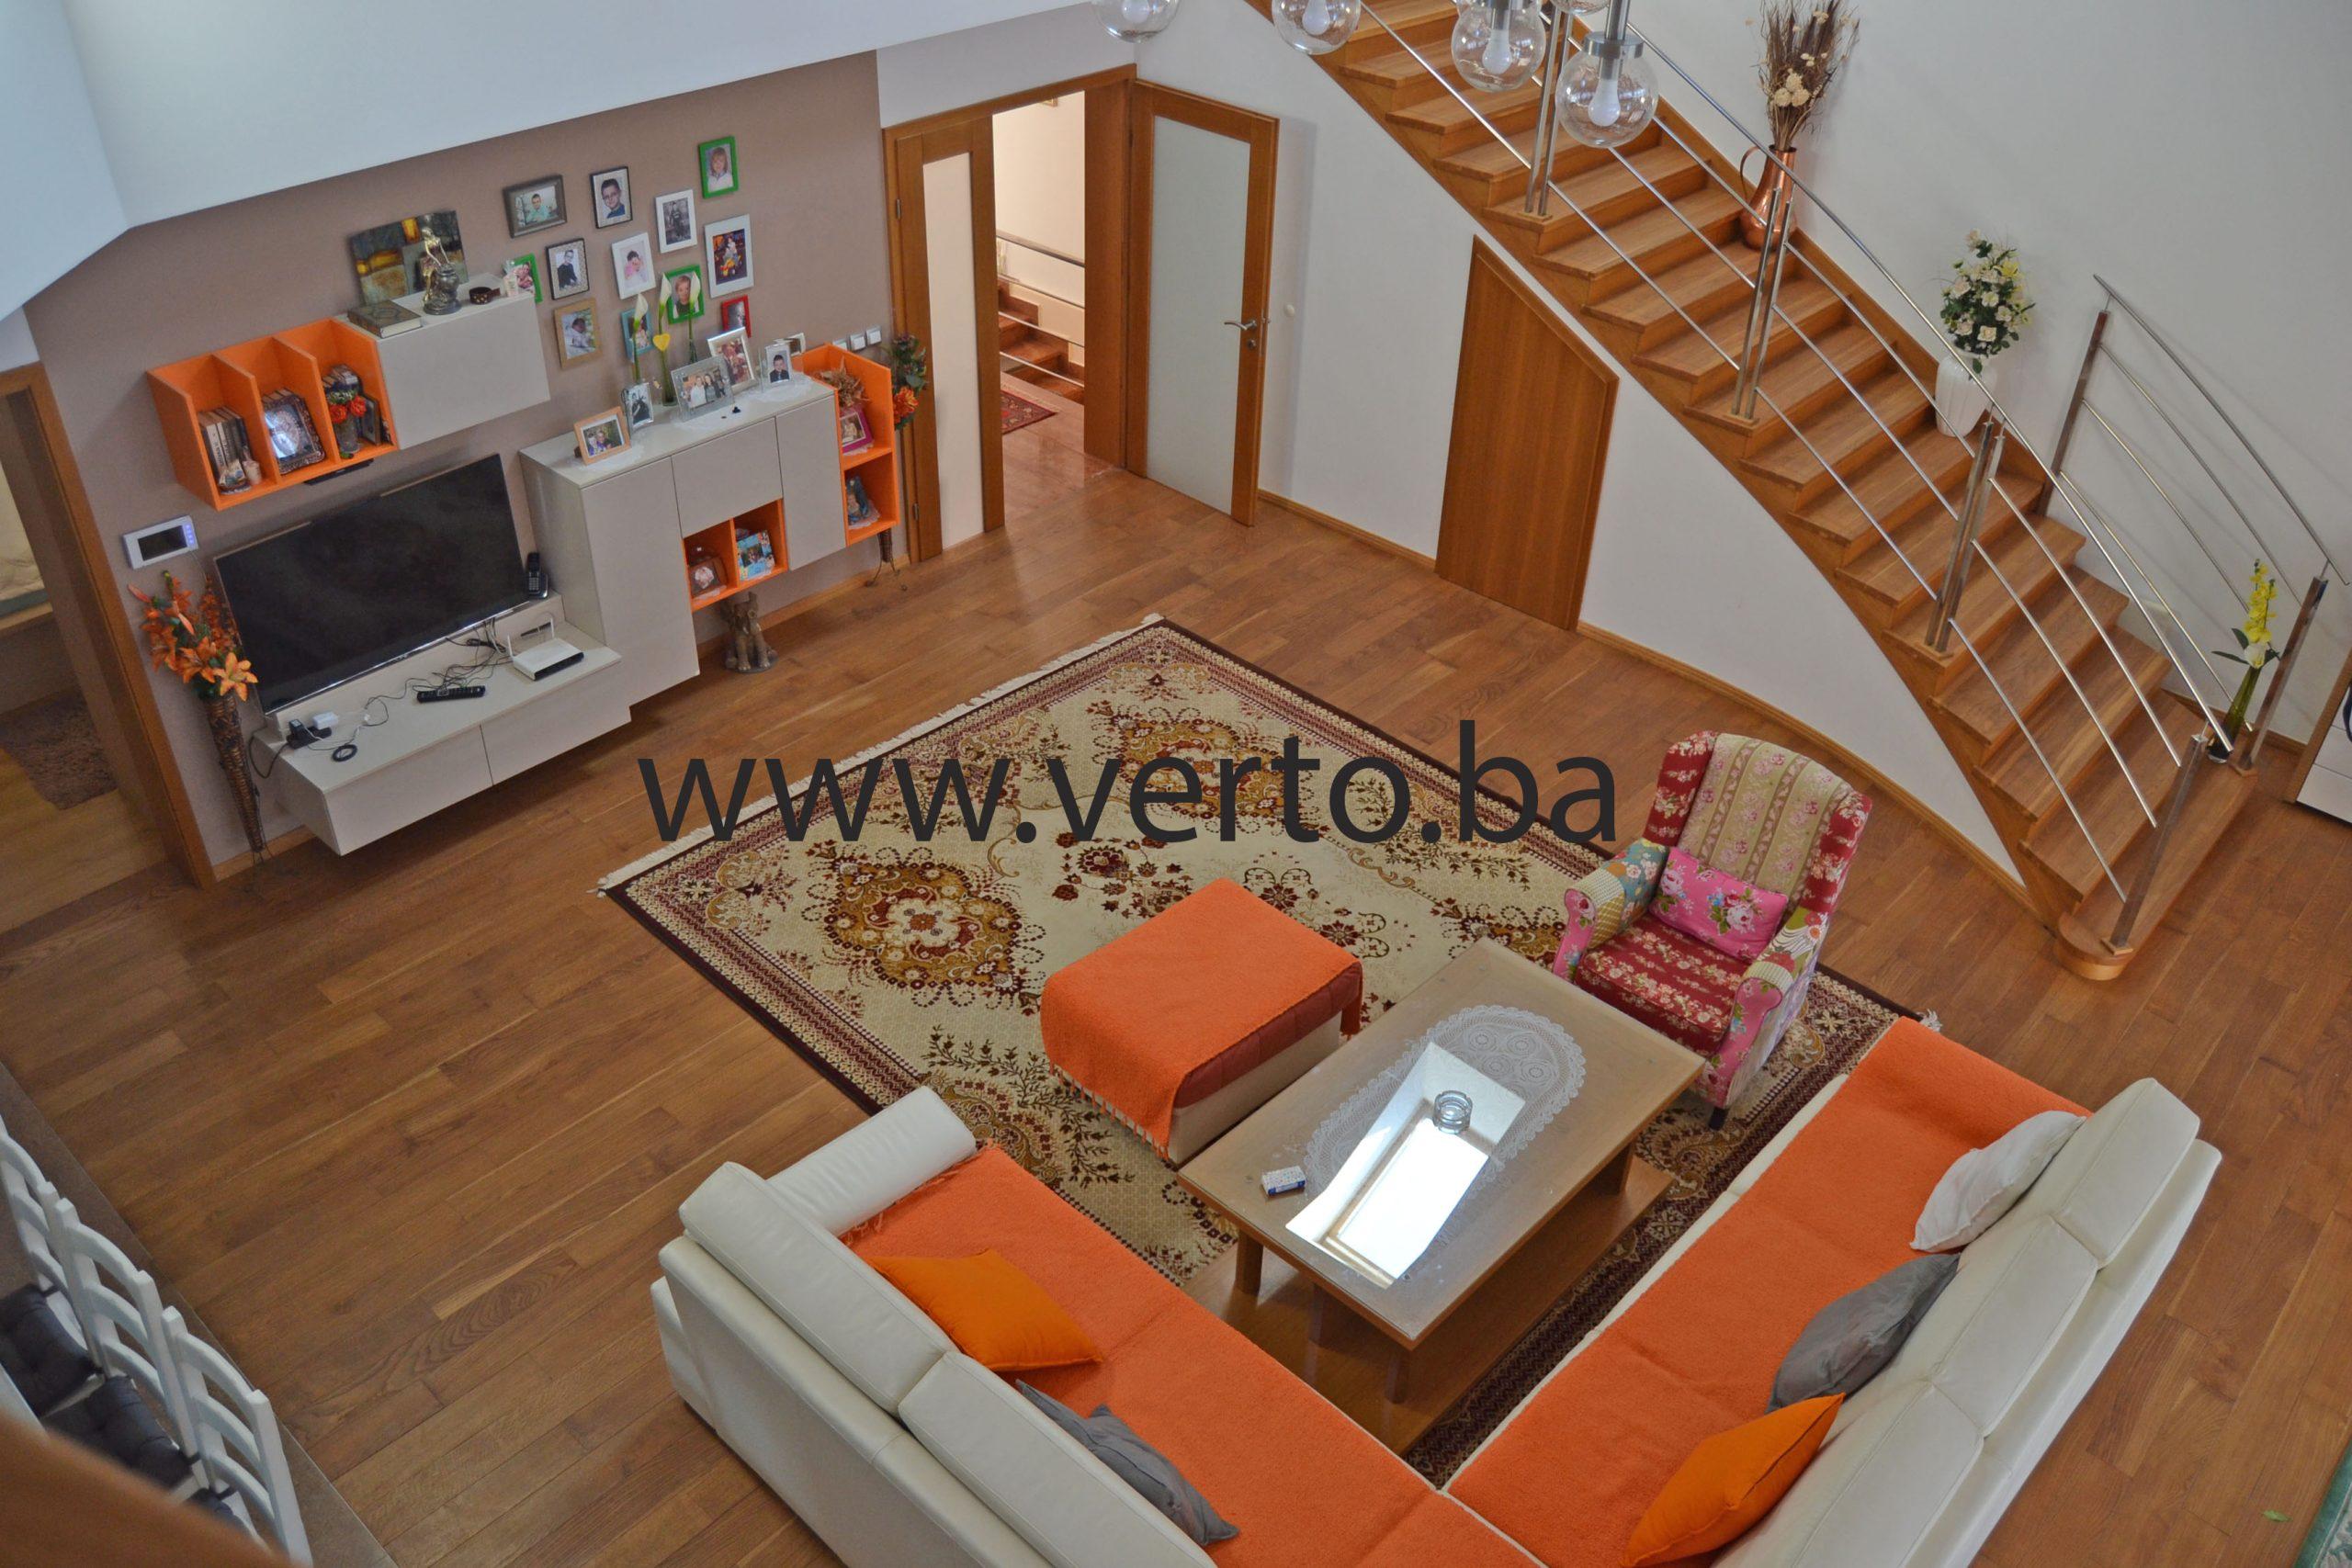 Prodaje se kuća, površine 570 m2, izgrađena na parceli od 374 m2, na mirnoj lokaciji u naselju Ši Selo, Tuzla